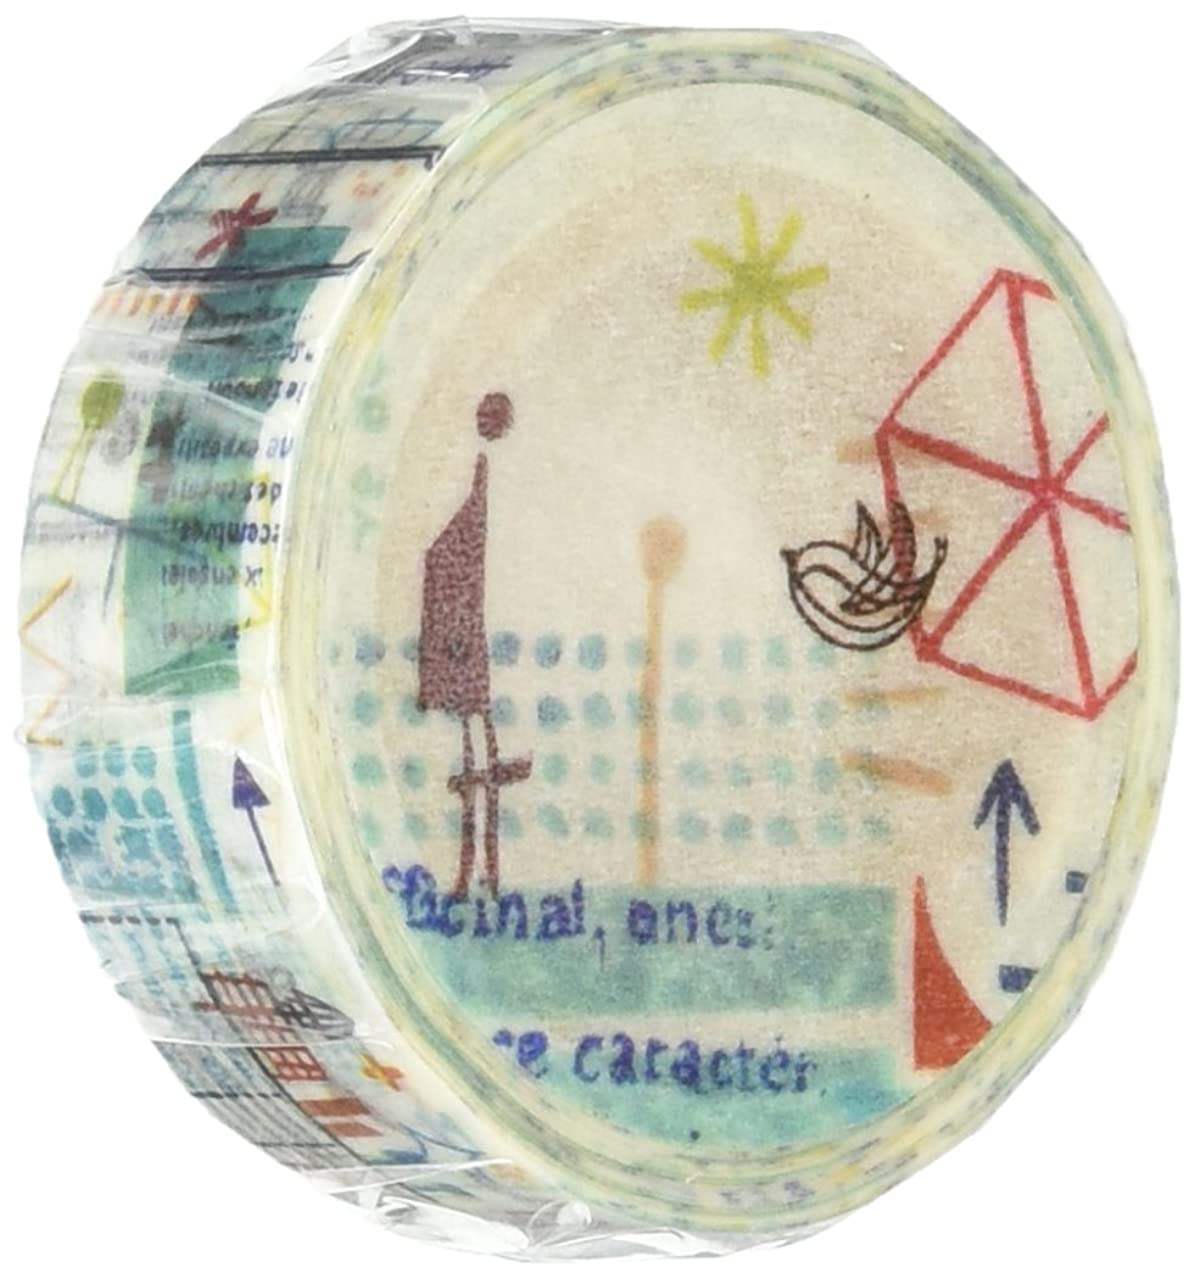 Roundtop Designer's Washi Masking Tape 15mm x 10m, Syoukei, Journey (MTW-1309-018)